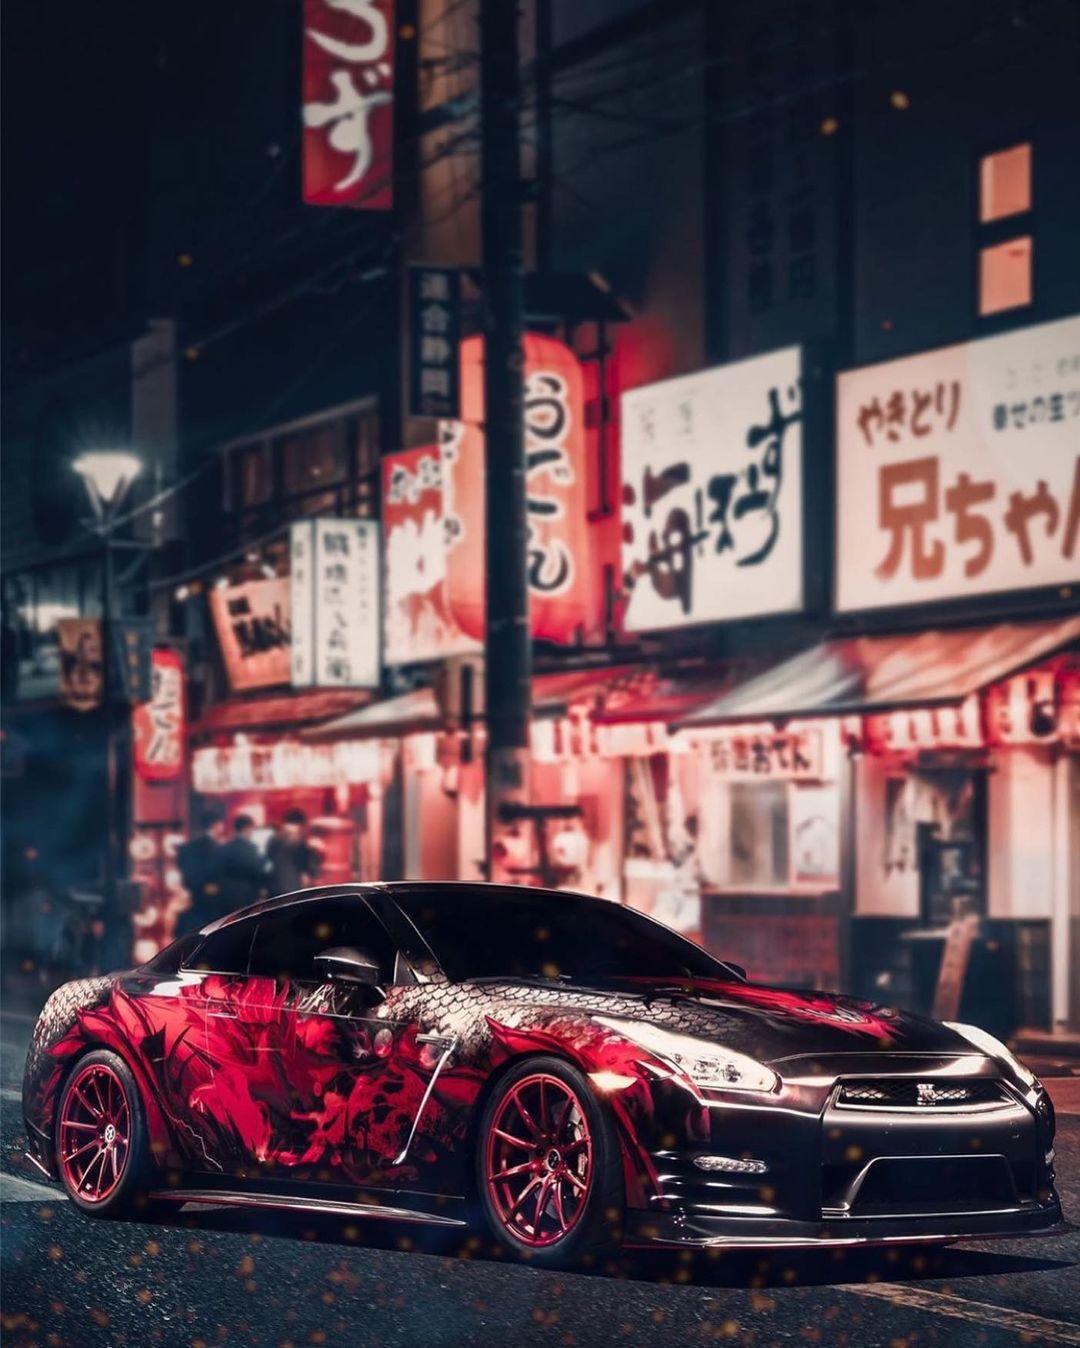 Side view of Godzilla, Nissan GTR wrap.